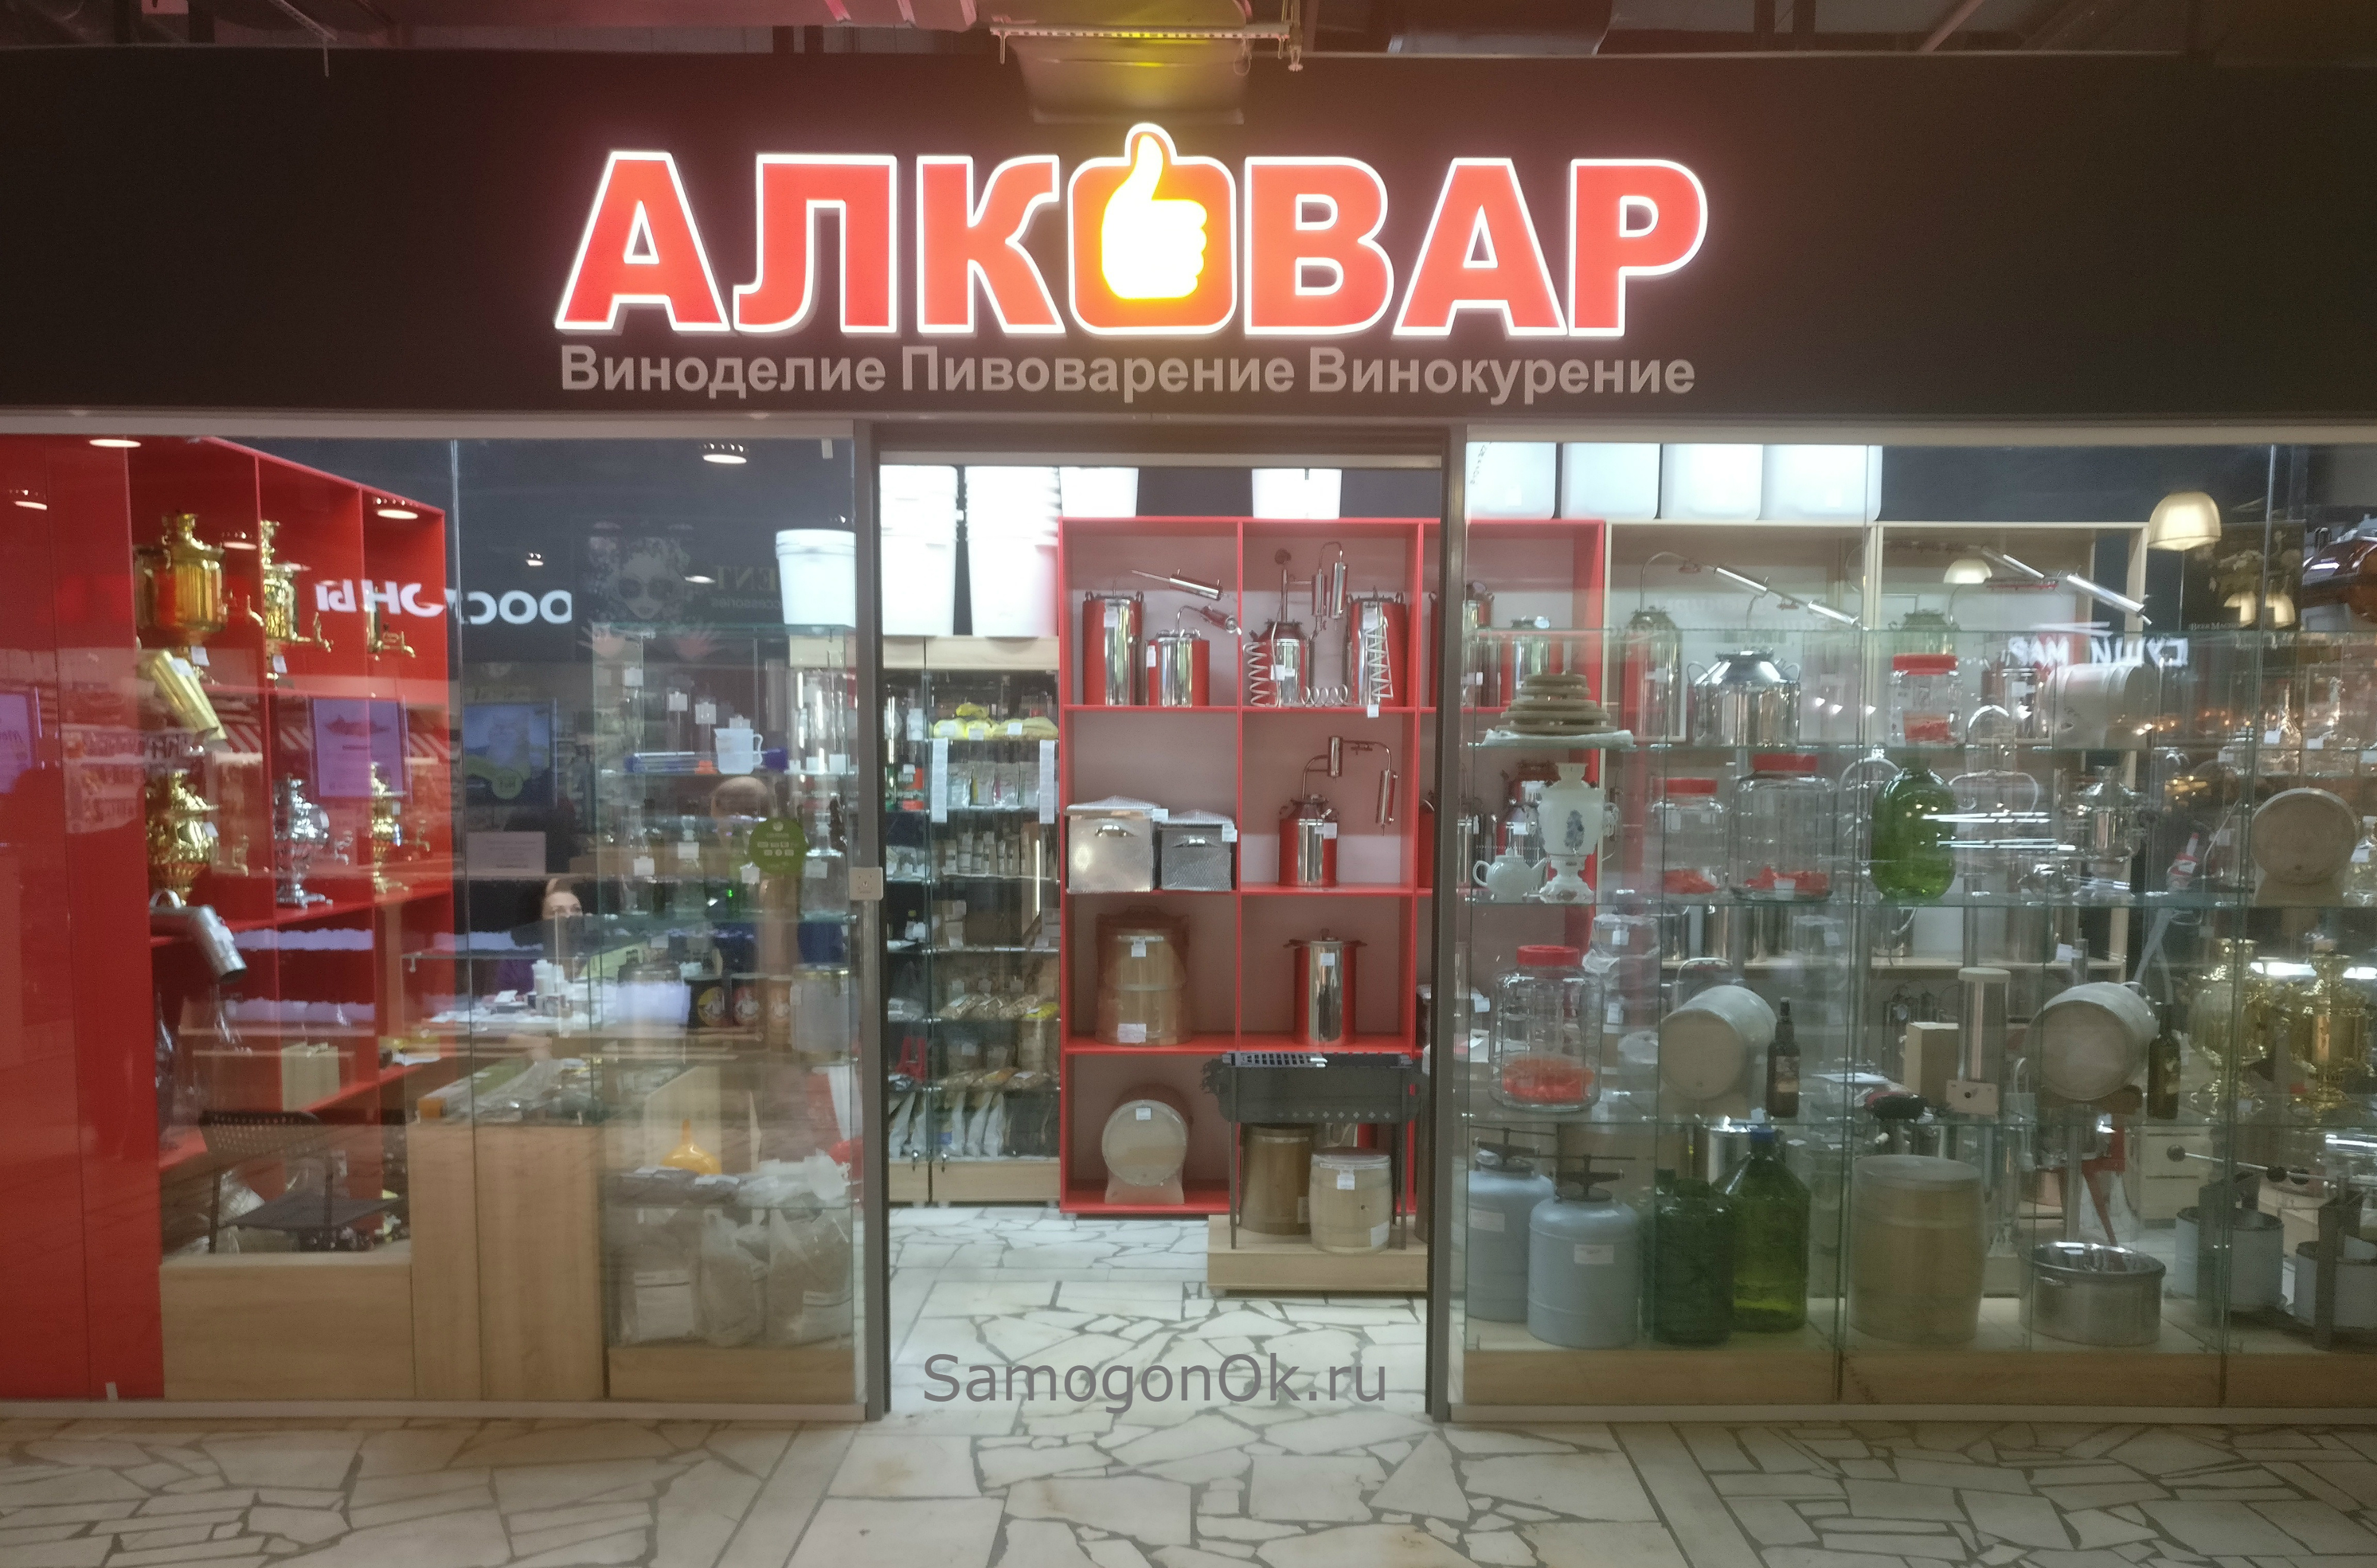 Магазин АЛКОВАР на Центральном рынке, 1 этаж, рядом с фреш маркетом.